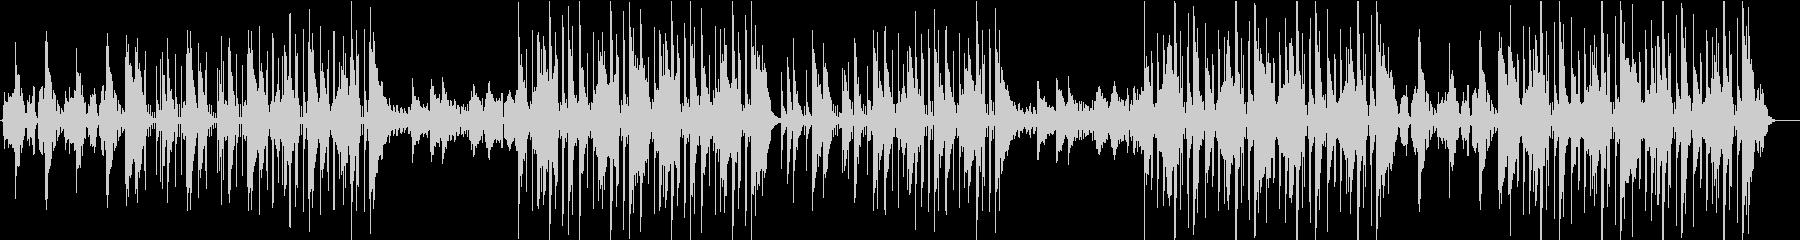 シネマティックHipHop,R&Bの未再生の波形